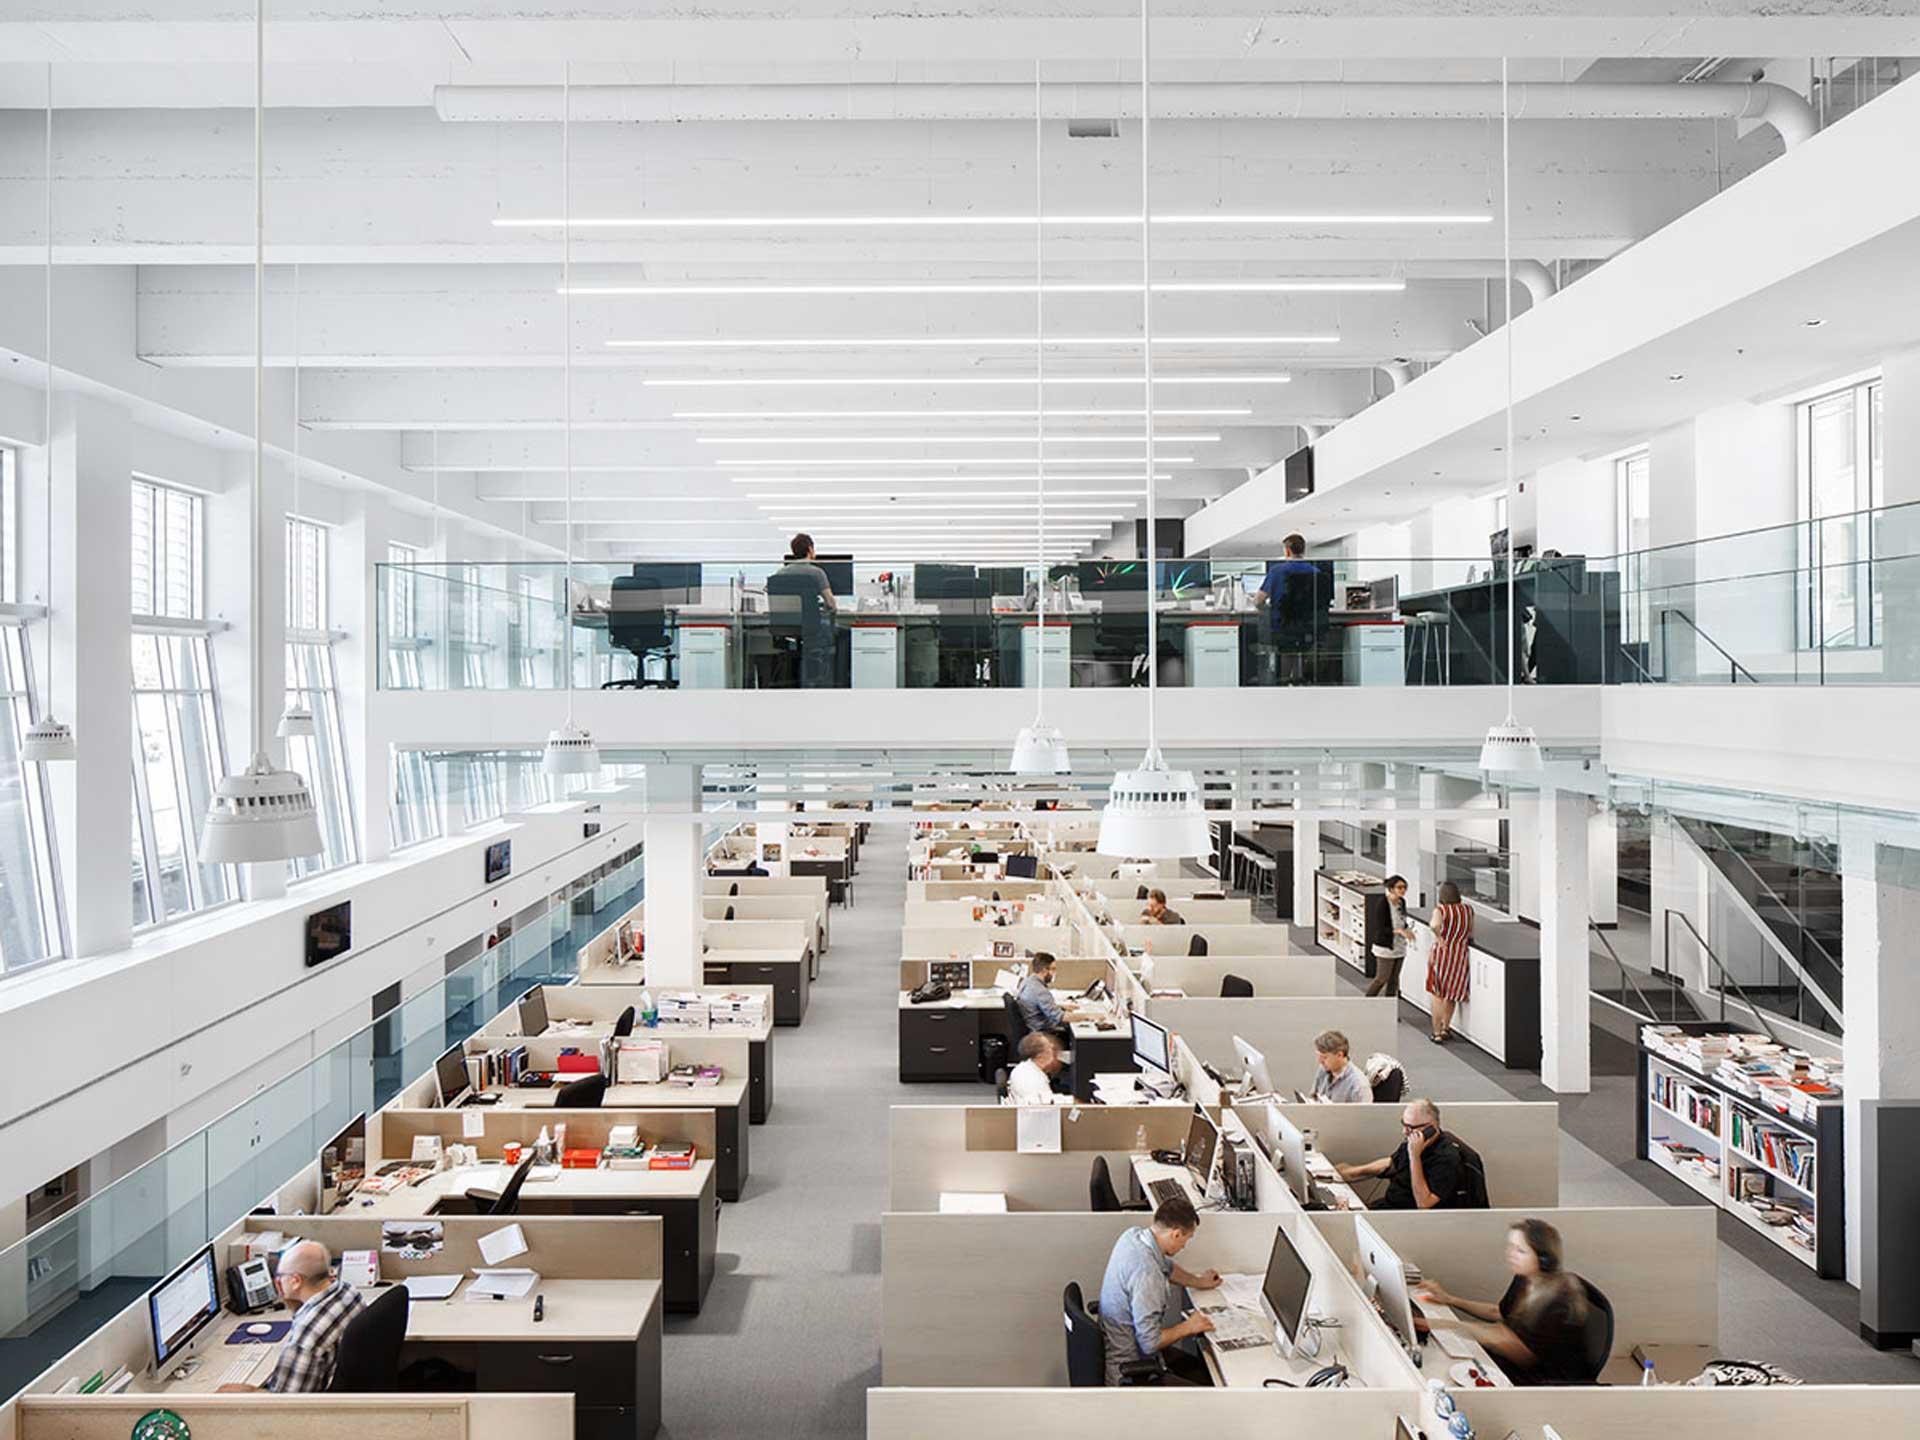 Bureaux usagés aménagement de bureaux eliel arnold architectes d